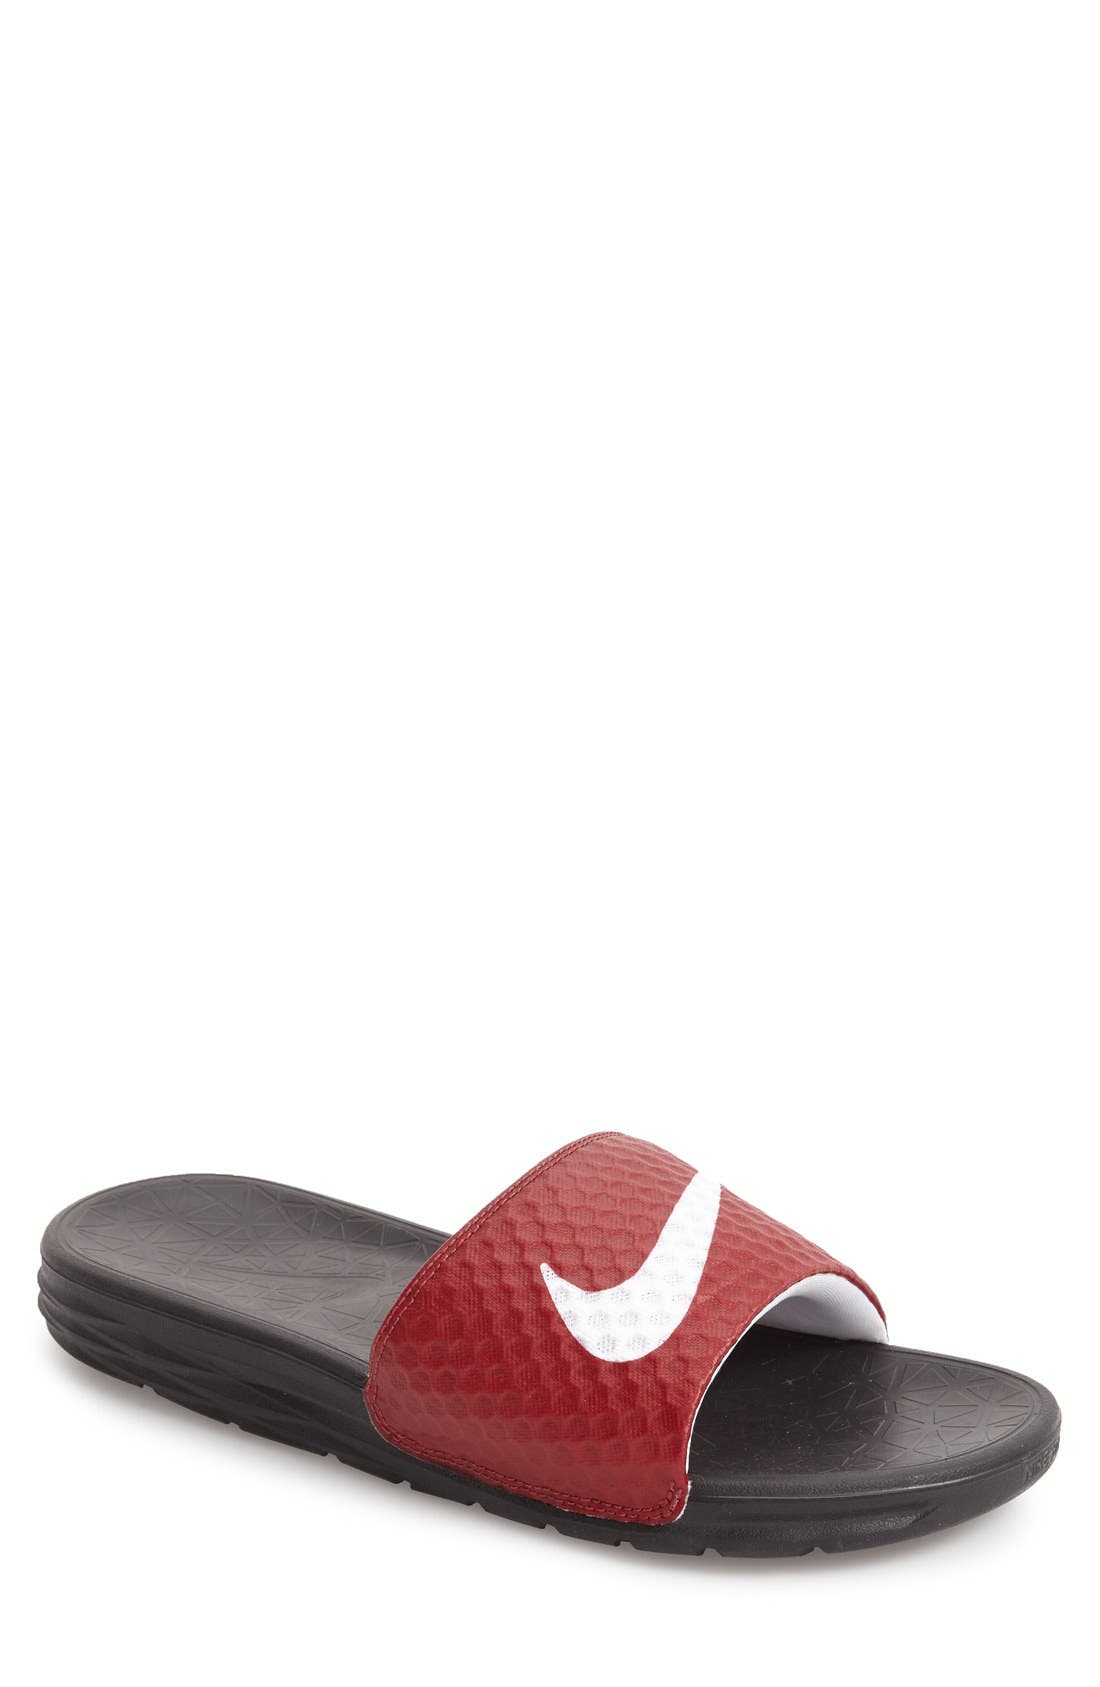 'Benassi Solarsoft 2' Slide Sandal,                         Main,                         color, Team Red/ White/ Black